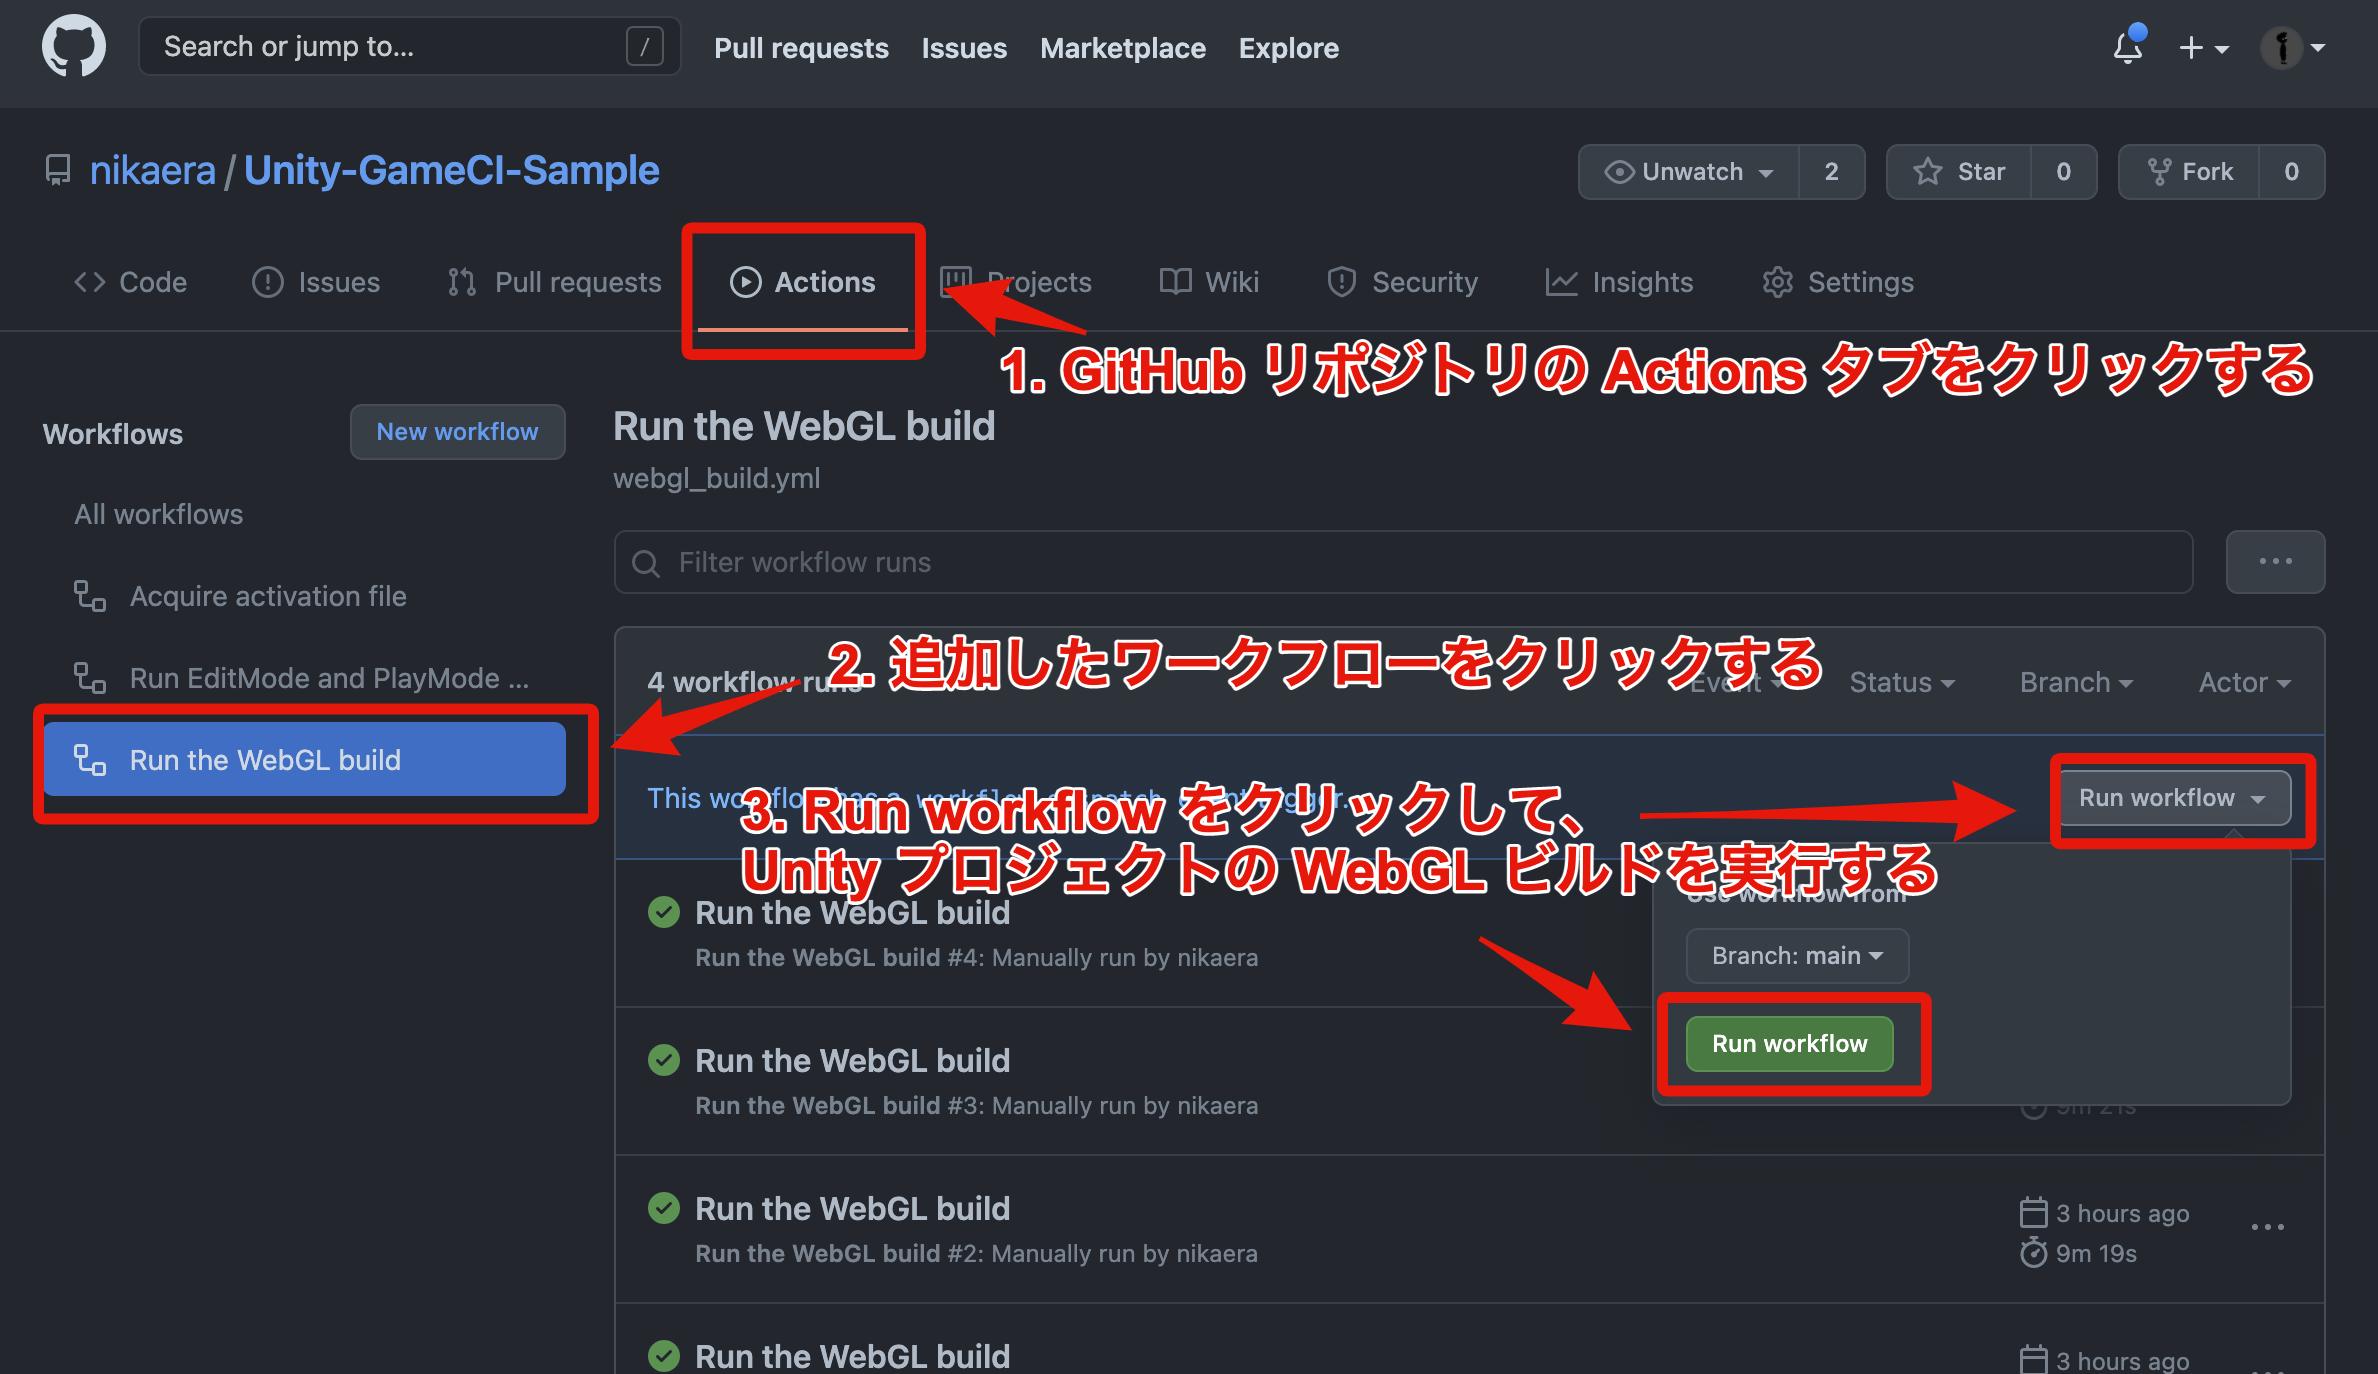 1. Unity の WebGL ビルドを実行するためのワークフローを実行する